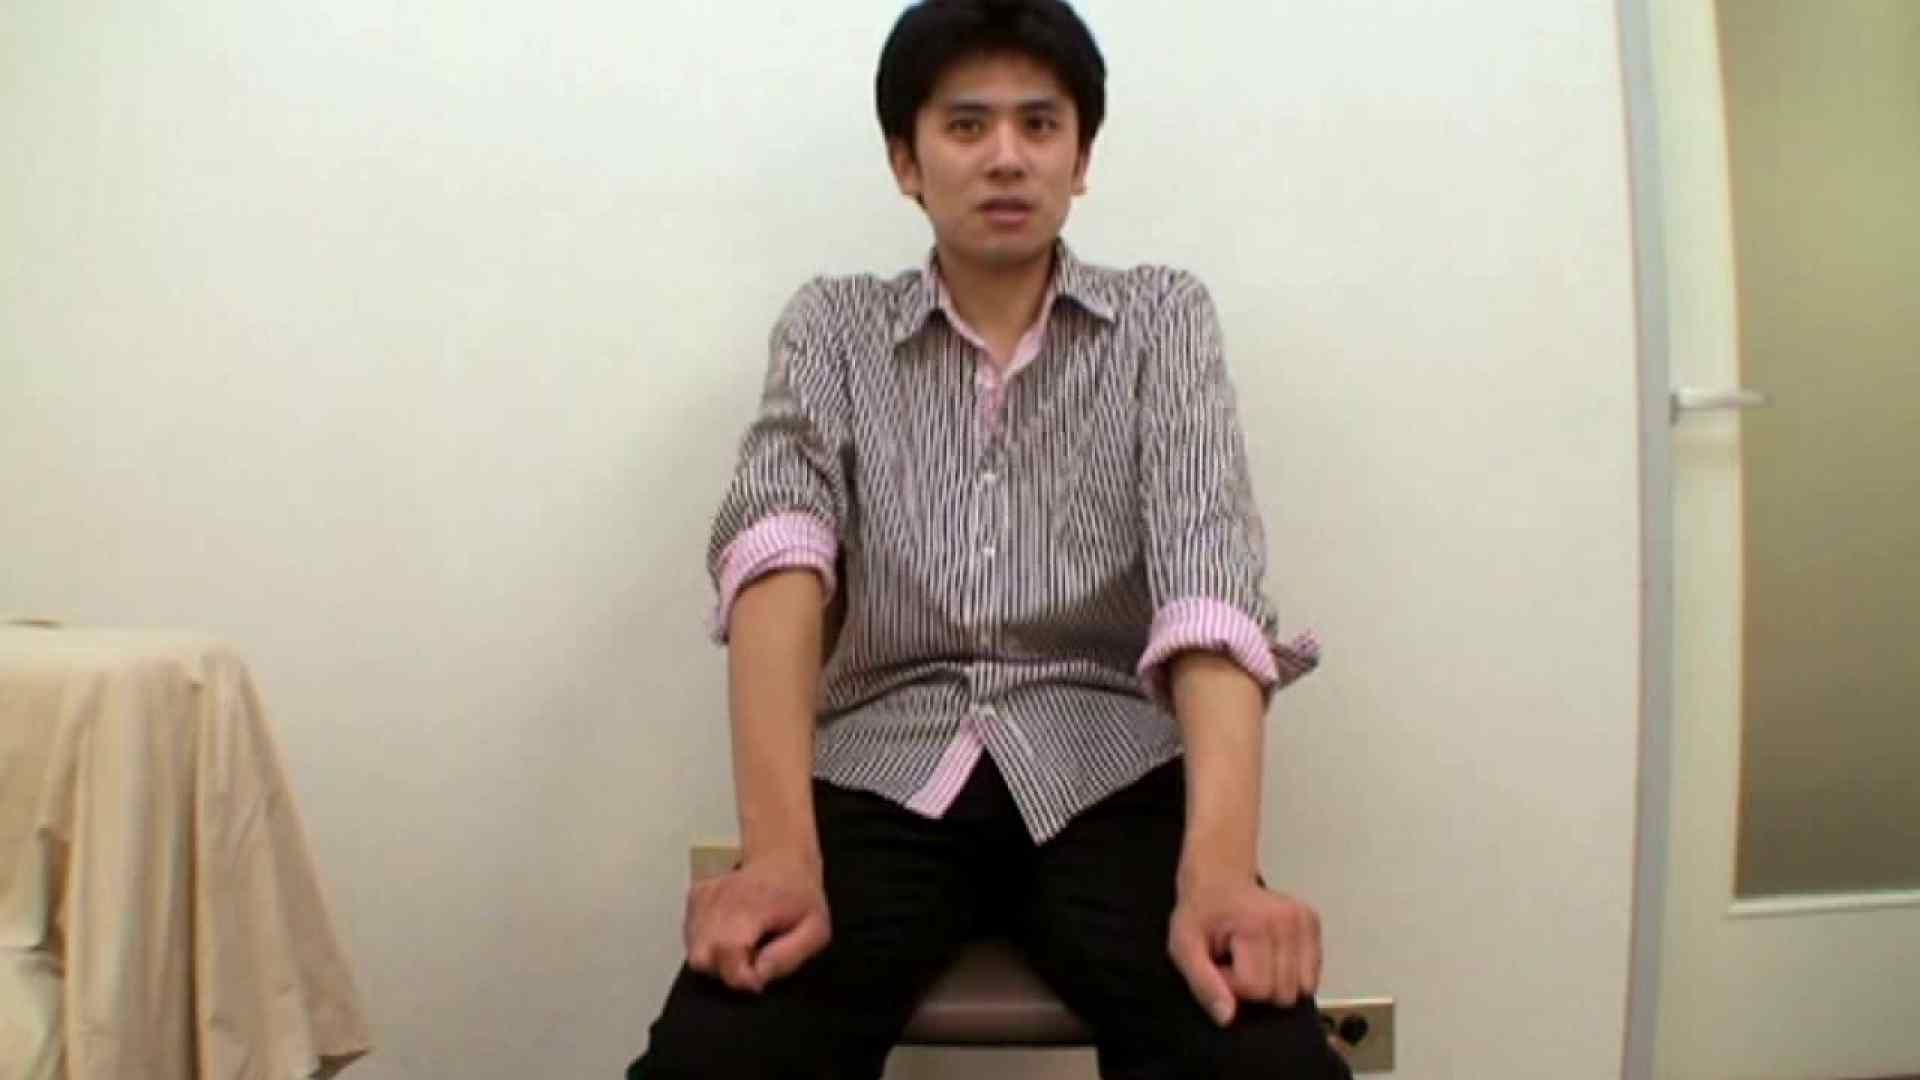 イケメンにタンクトップにオナニー 手コキ AV動画 61枚 24